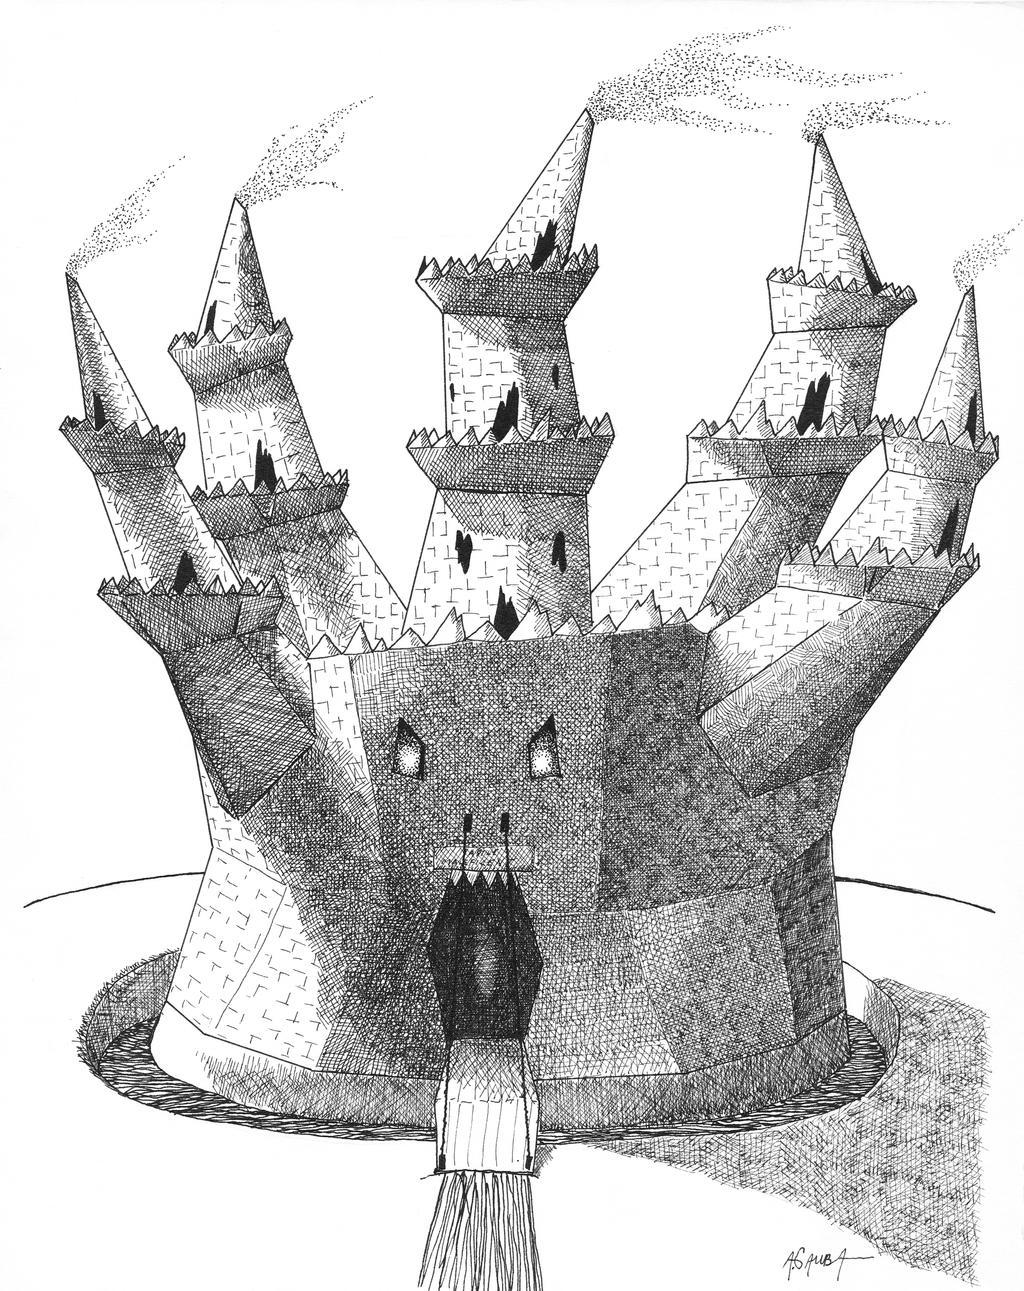 The Good Castle